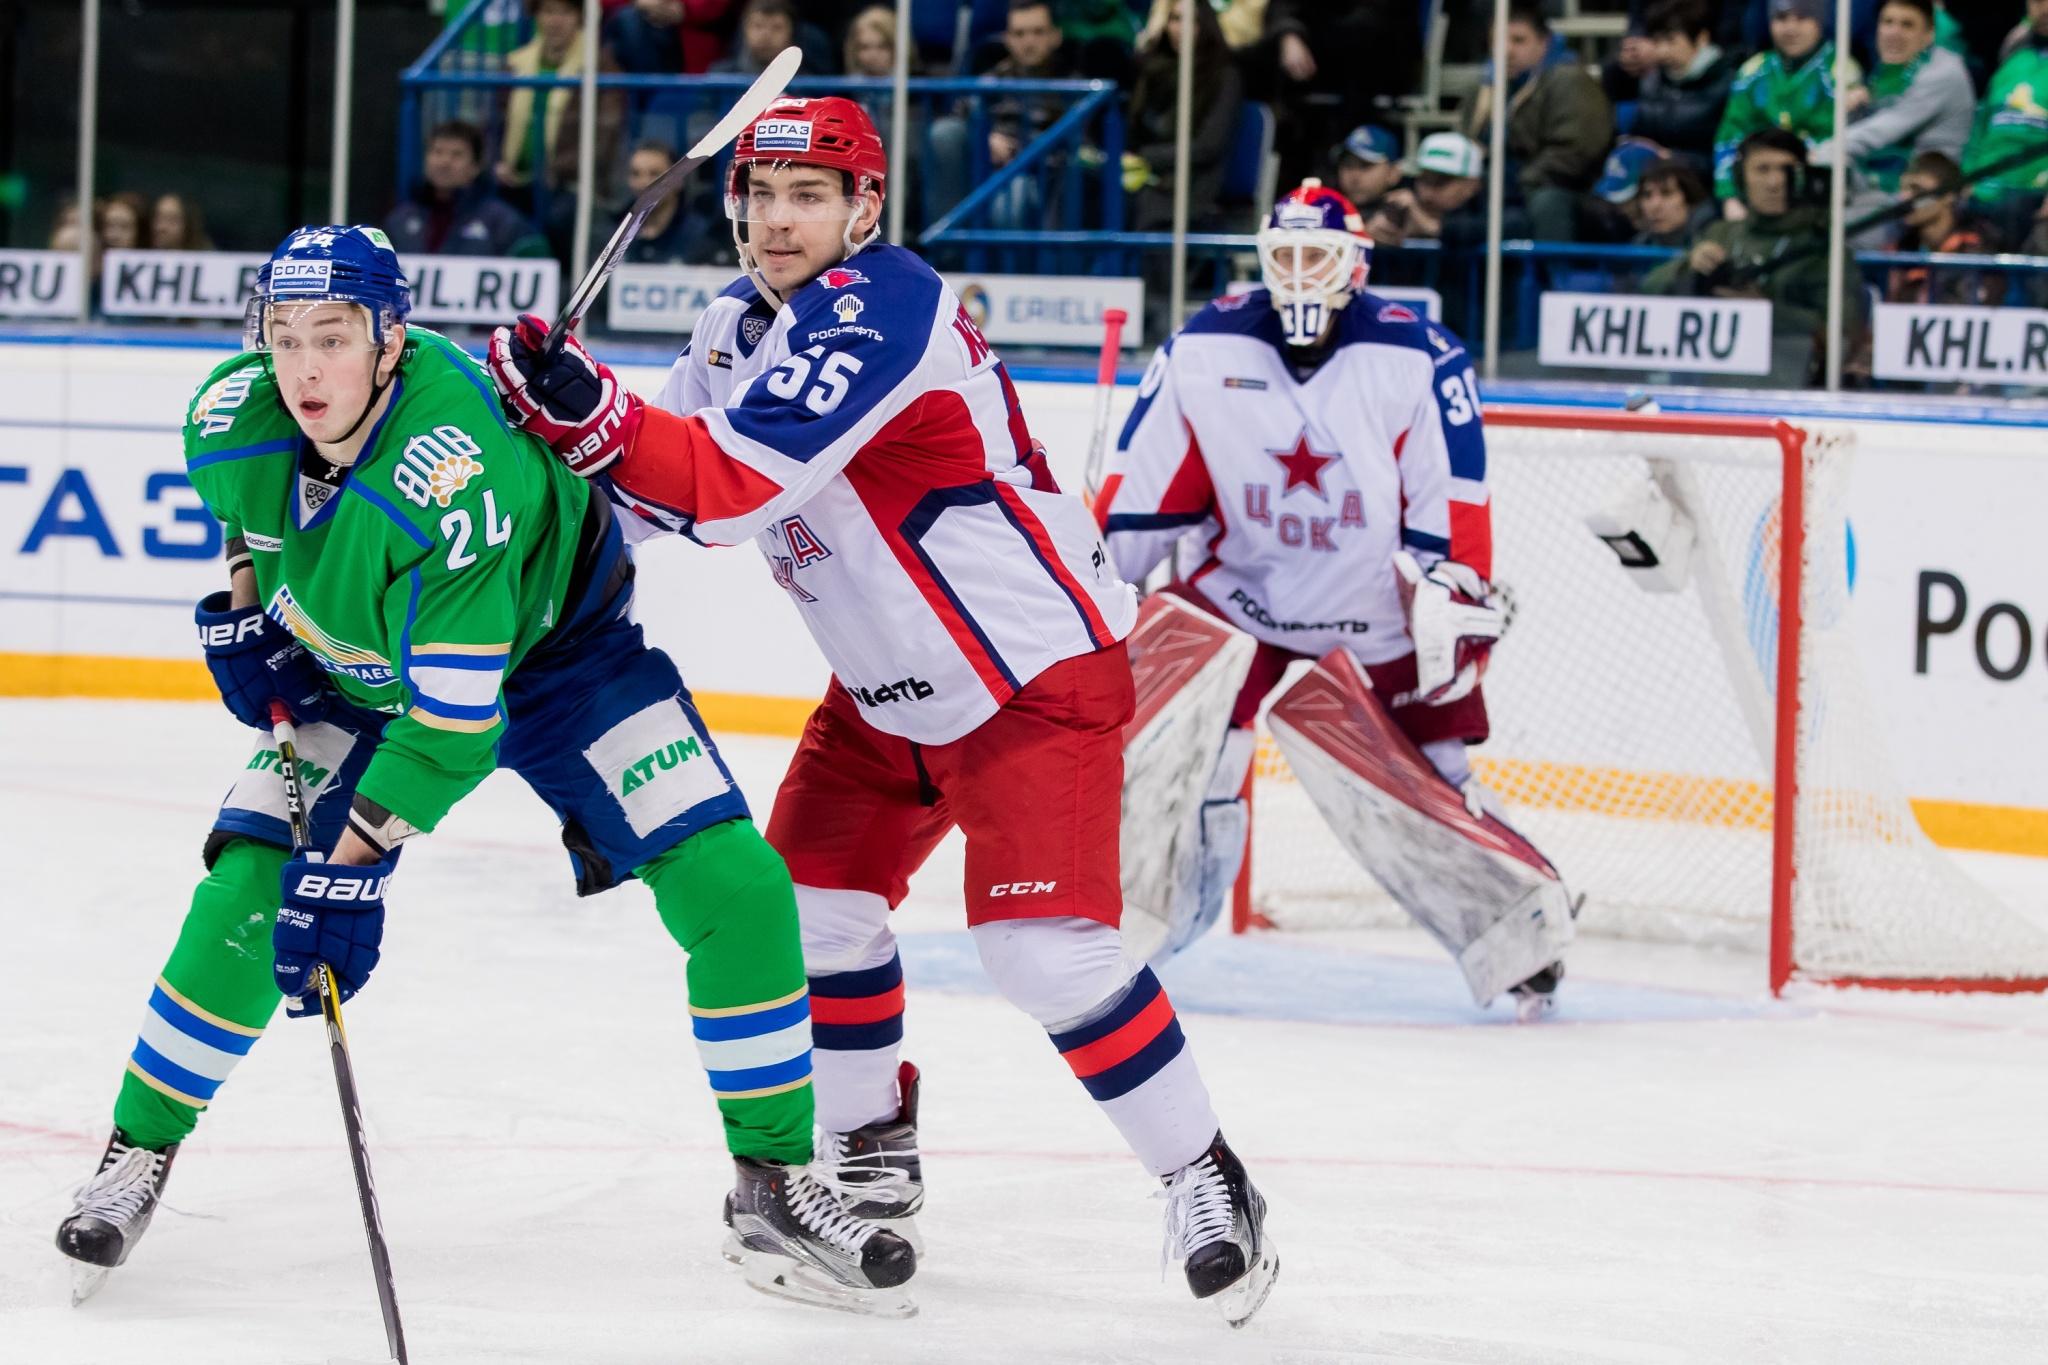 Михаил Воробьёв и Богдан Киселевич. Фото: Дмитрий Сагитов